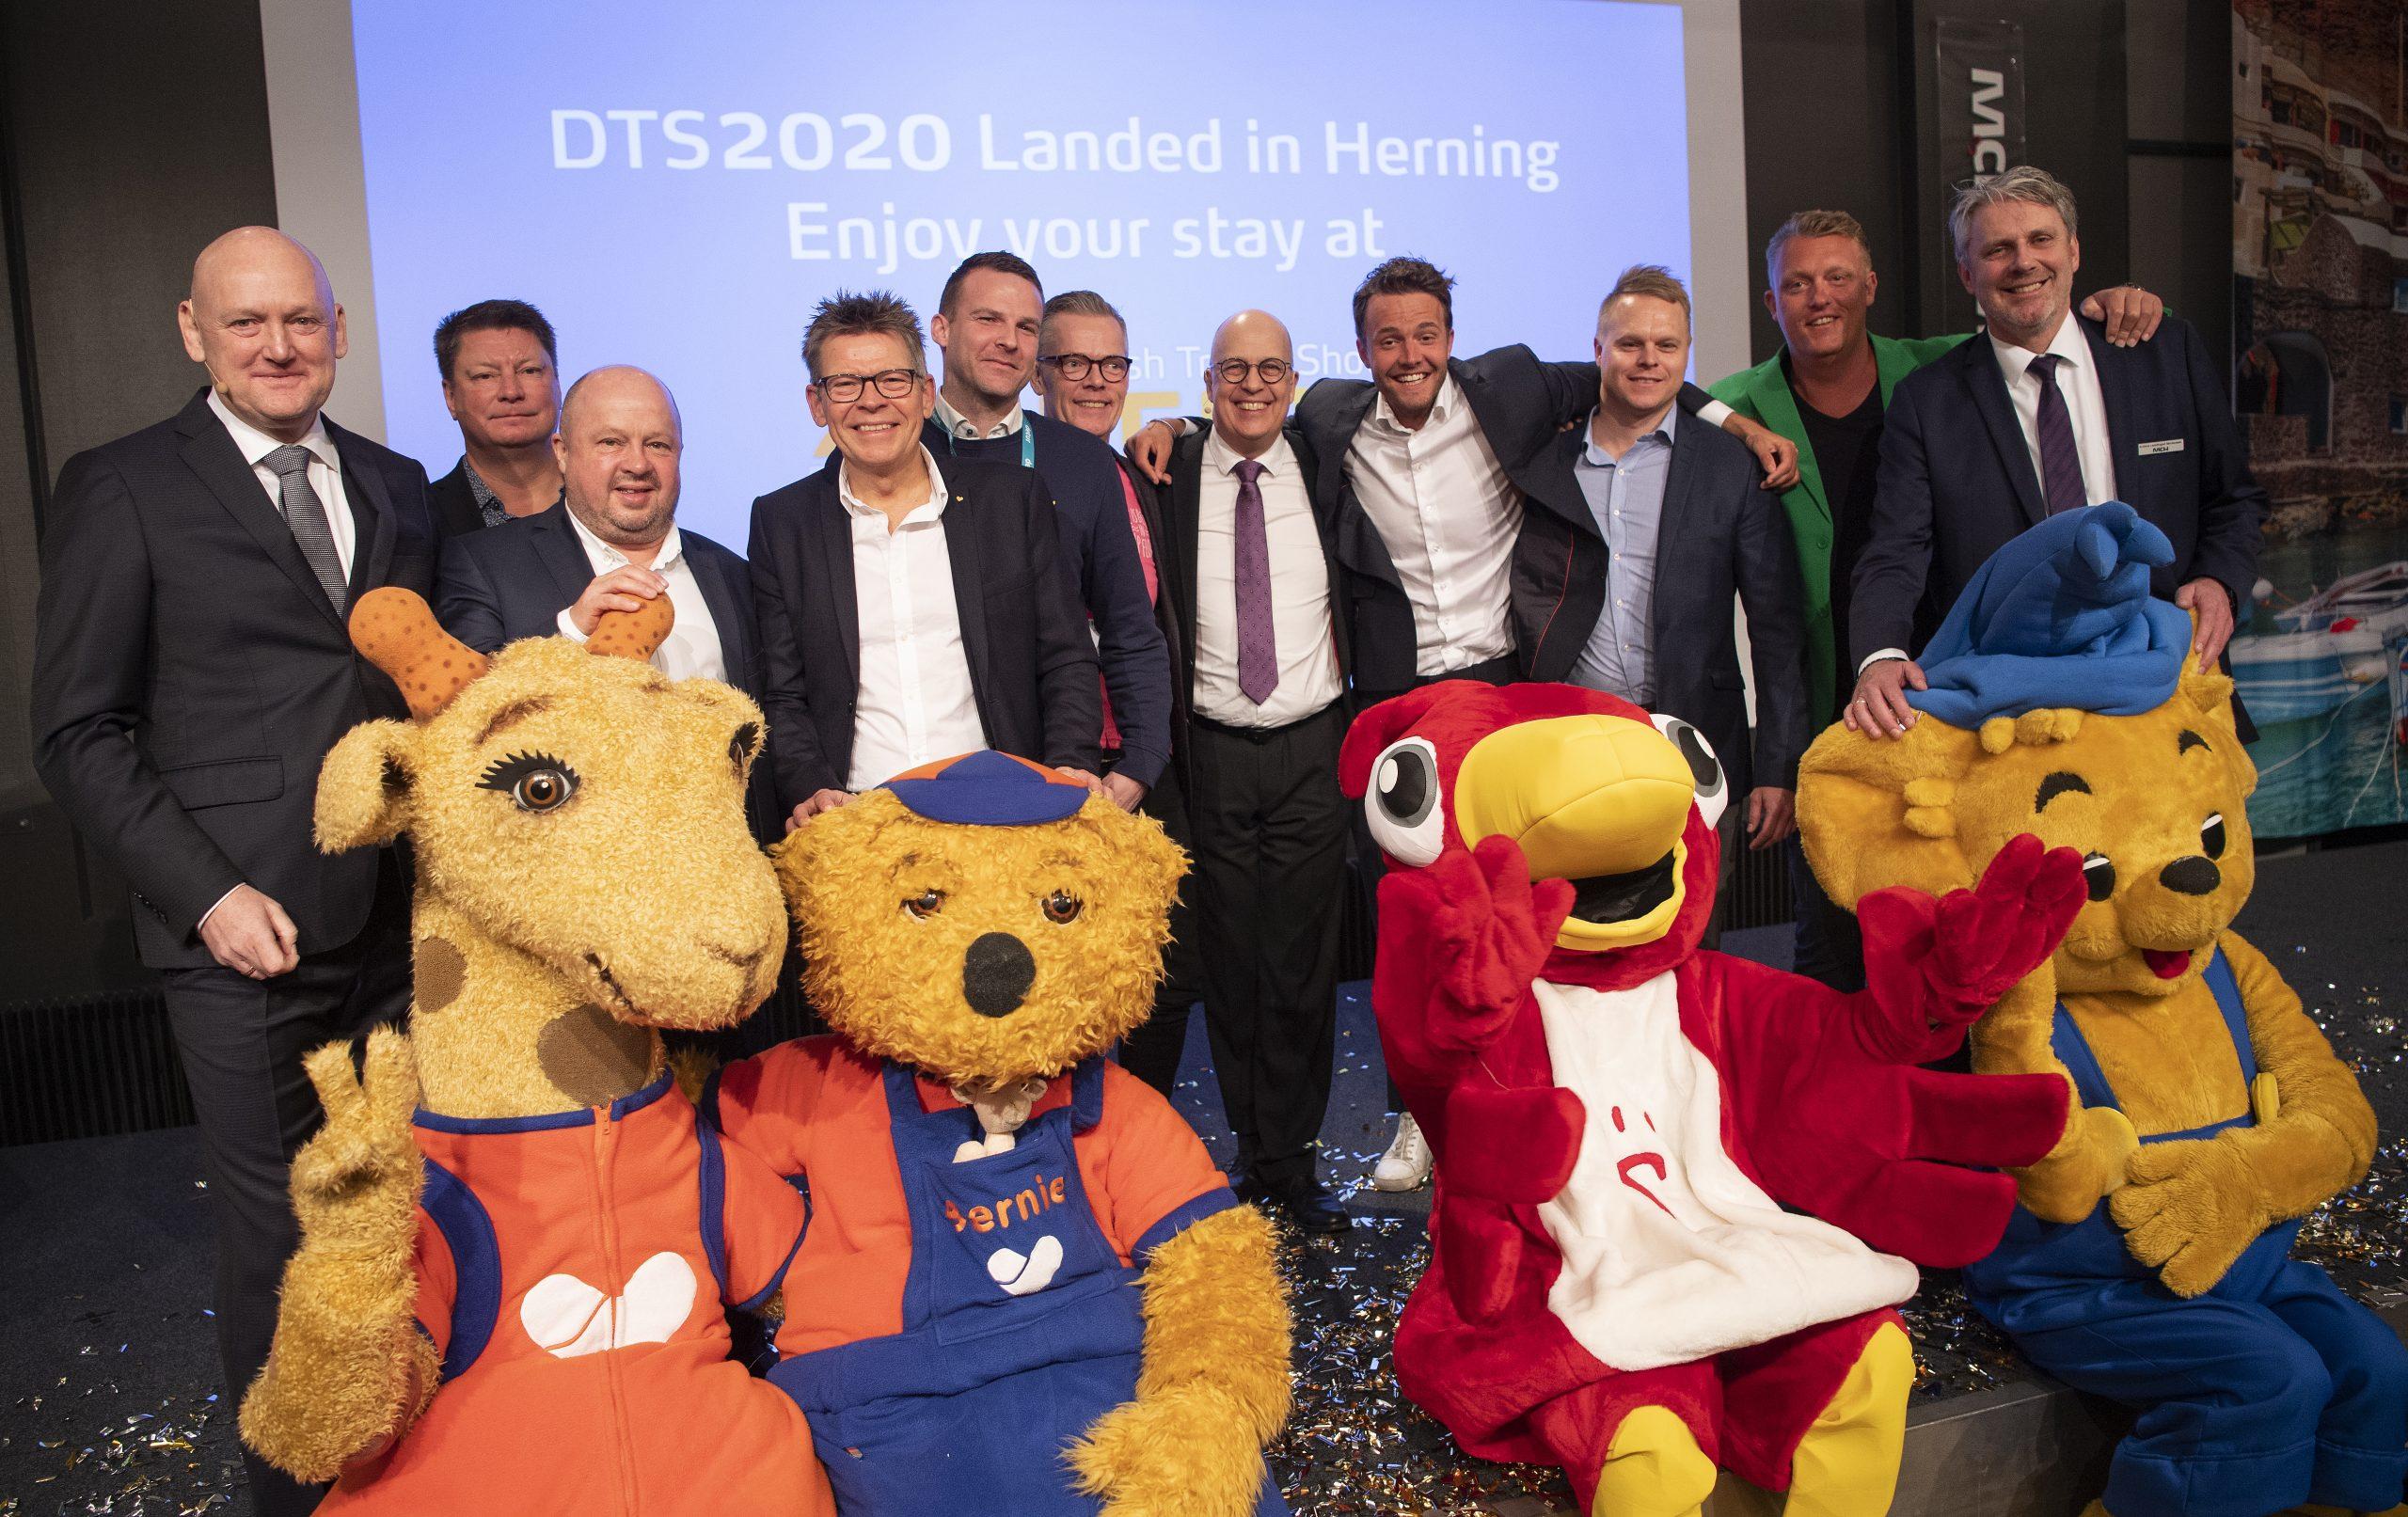 Hovedparten af medlemmerne af RID, charterbureauernes brancheforening, ved åbningen af årets Ferie for Alle i Messecenter Herning, pressefoto: Lars Møller.